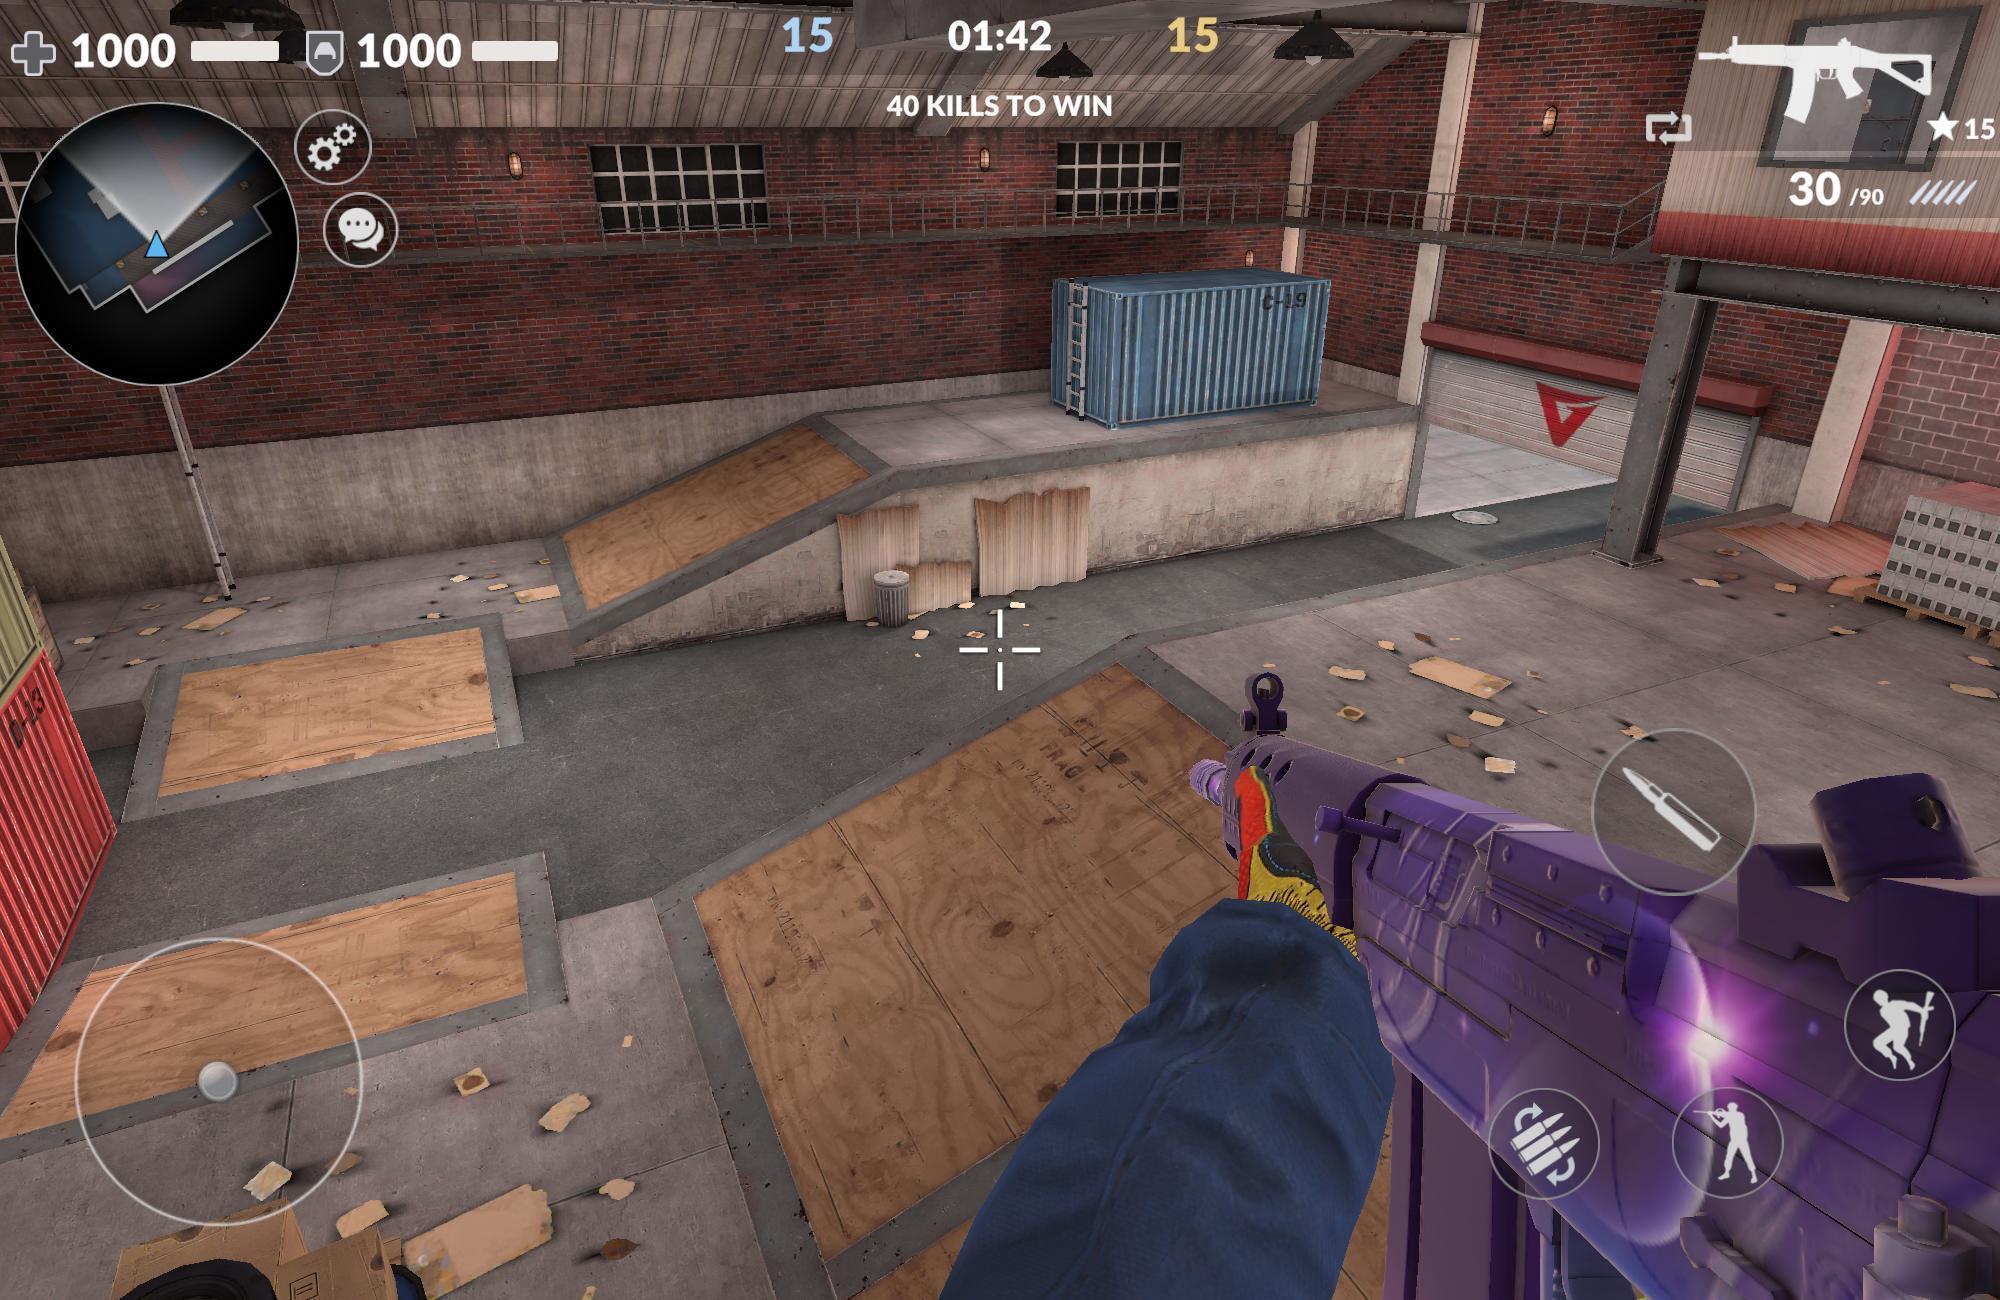 Critical Strike CS: Counter Terrorist Online FPS 9.9990 Screenshot 11